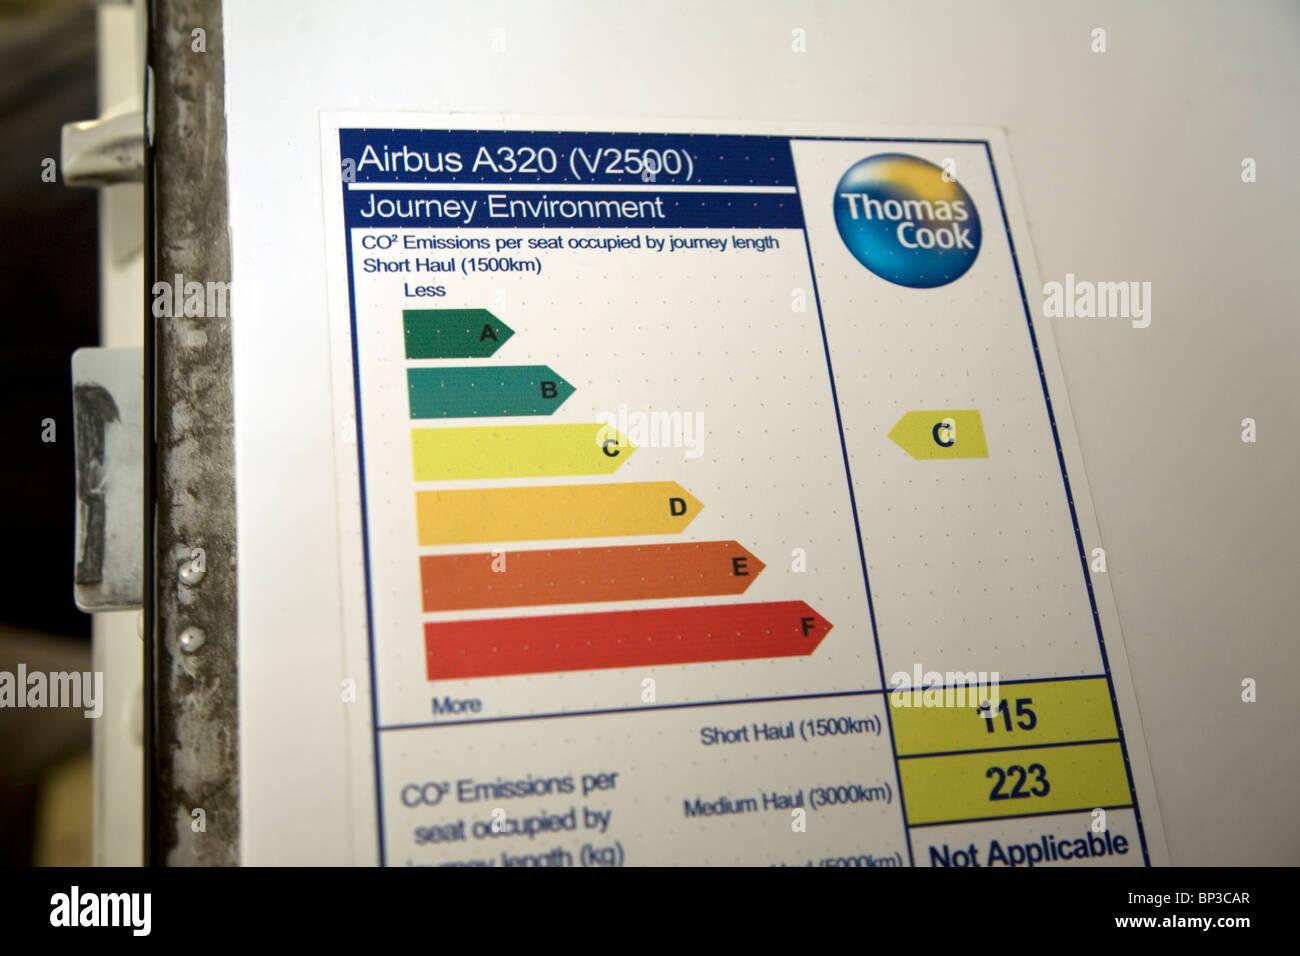 Diagrama de las emisiones de dióxido de carbono de avión Airbus A320 Imagen De Stock